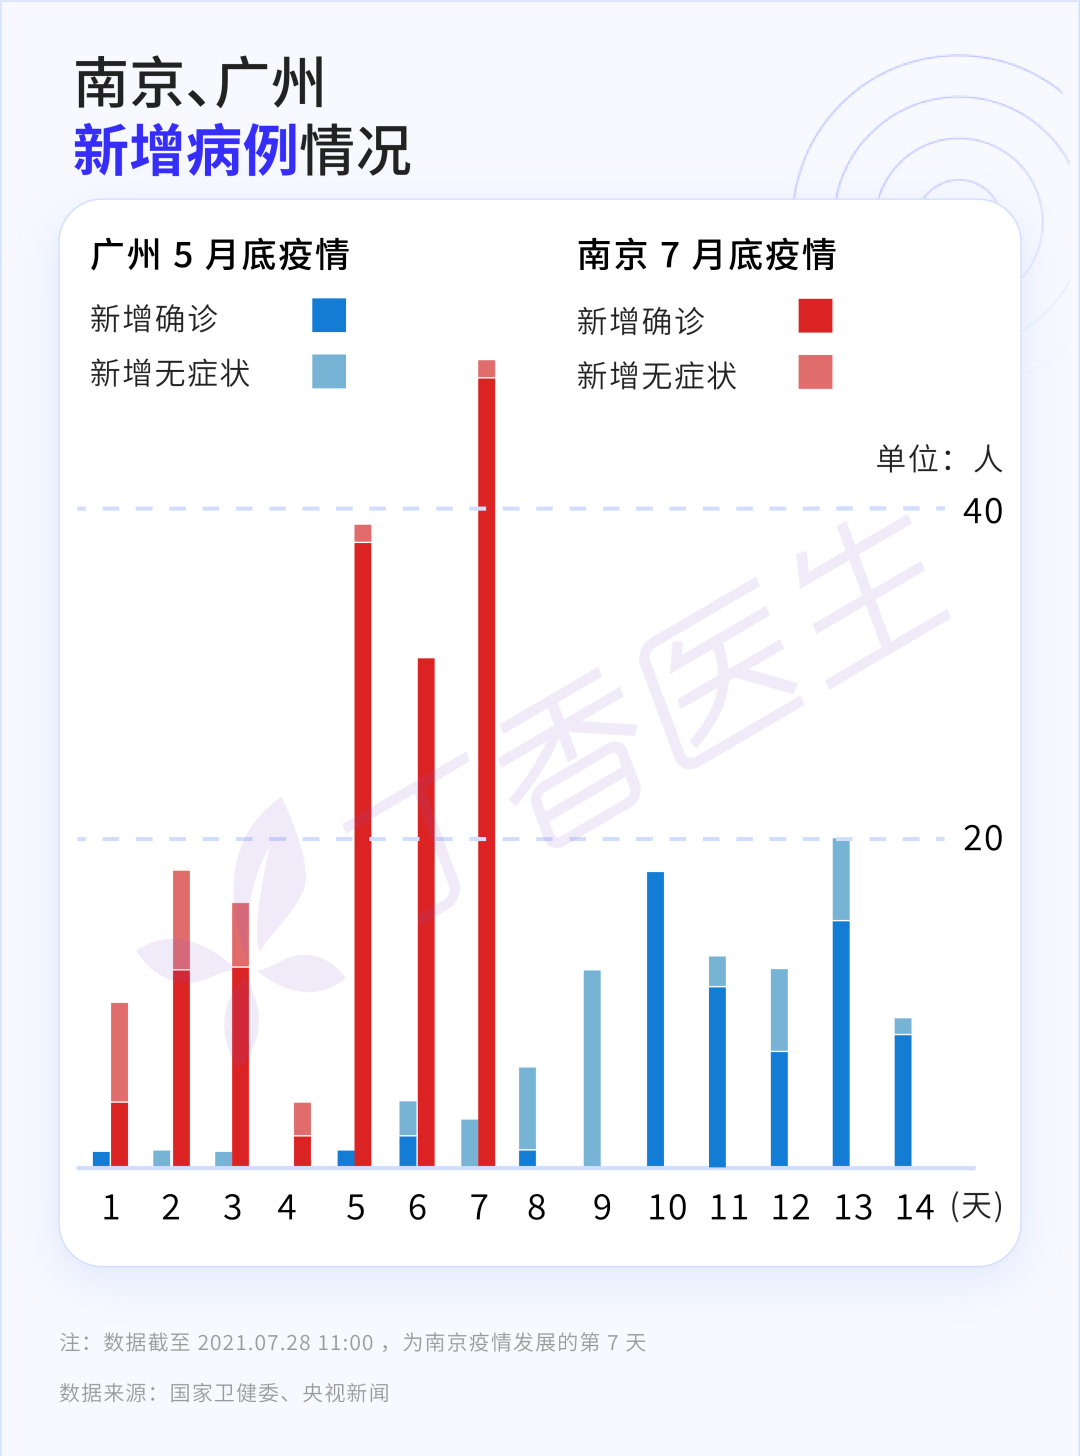 南京疫情毒株德尔塔来源怎么来的 南京疫情会持续多久什么时候结束?